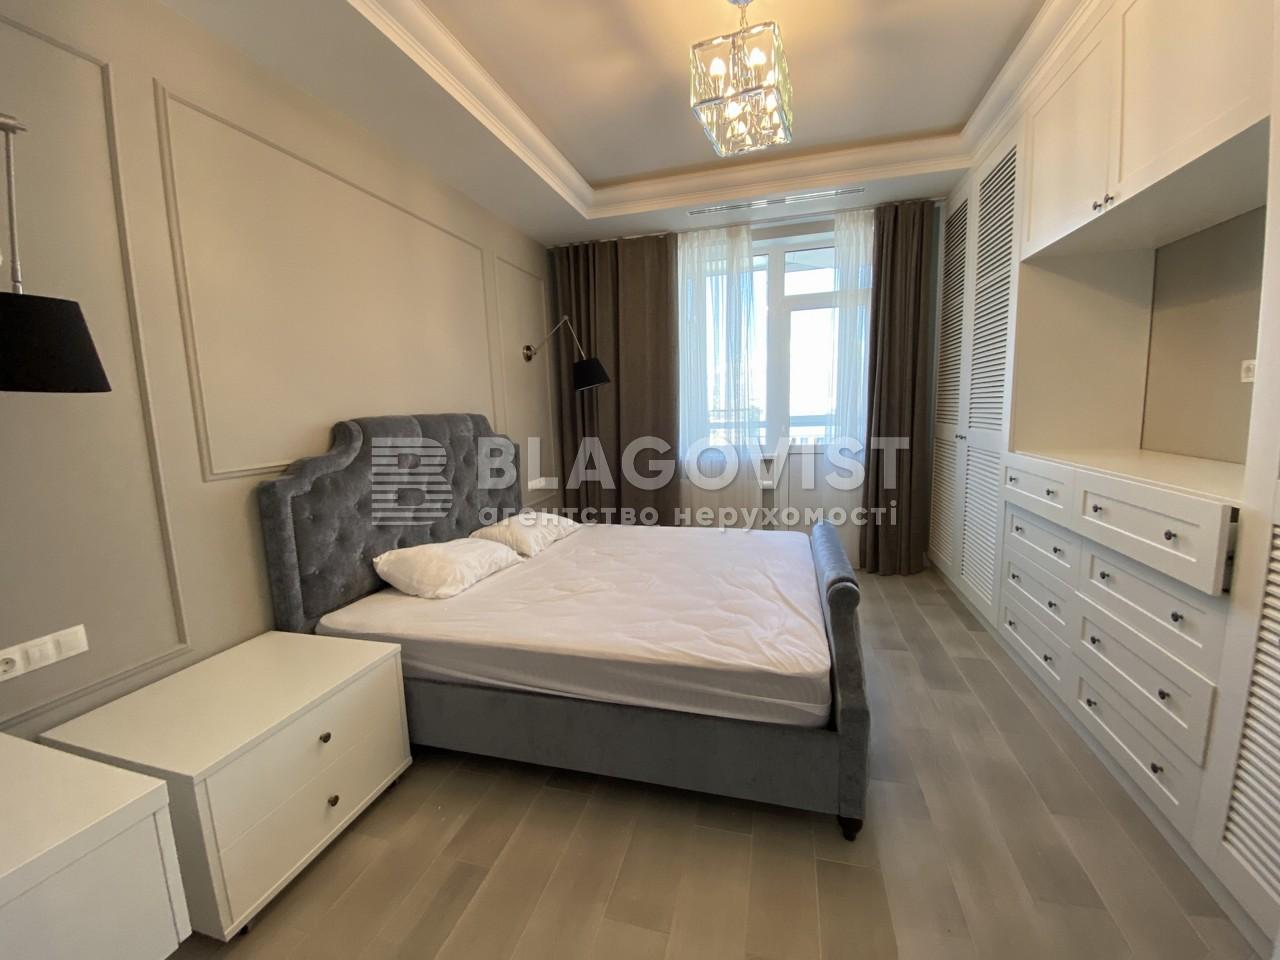 Квартира F-42223, Кирилло-Мефодиевская, 2, Киев - Фото 10